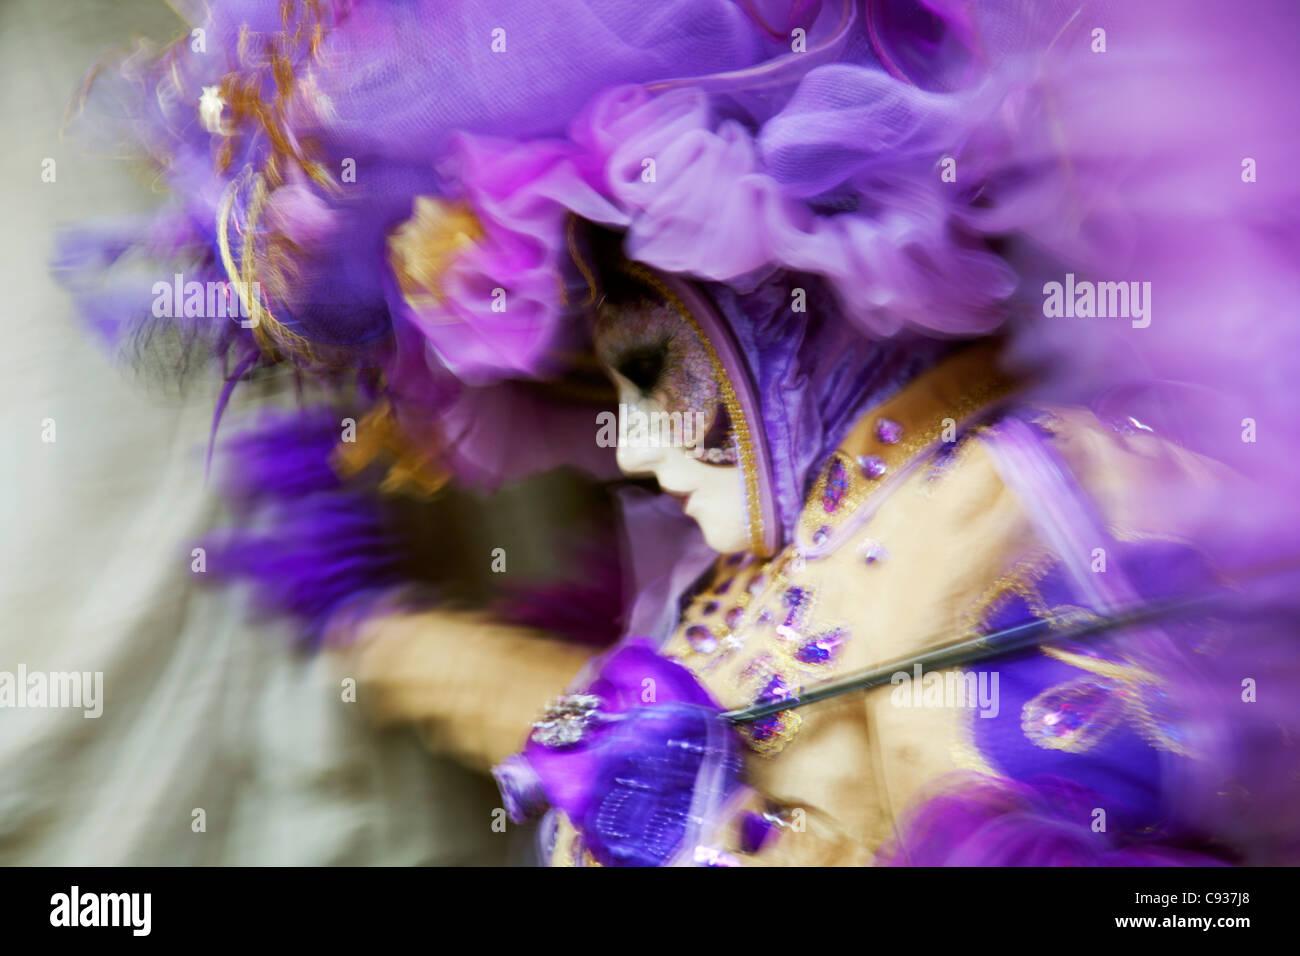 Venezia, Veneto, Italia; una maschera in movimento su Piazza San Marco durante il carnevale Immagini Stock